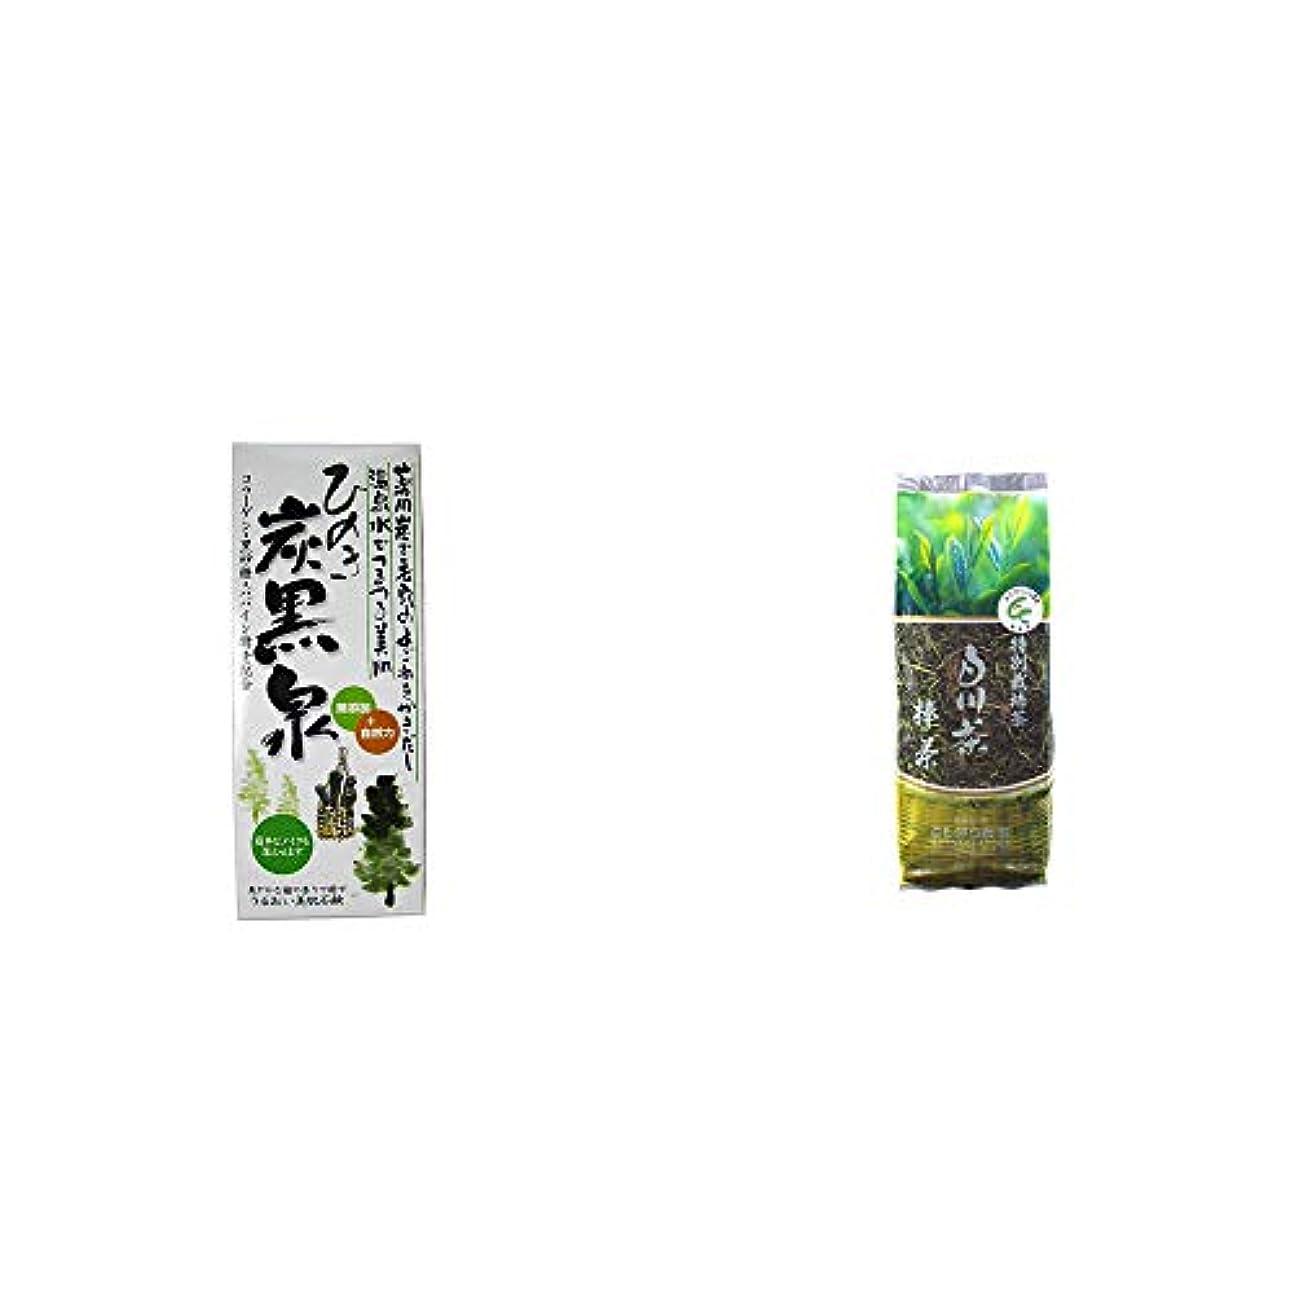 流出運命騒々しい[2点セット] ひのき炭黒泉 箱入り(75g×3)?白川茶 特別栽培茶【棒茶】(150g)